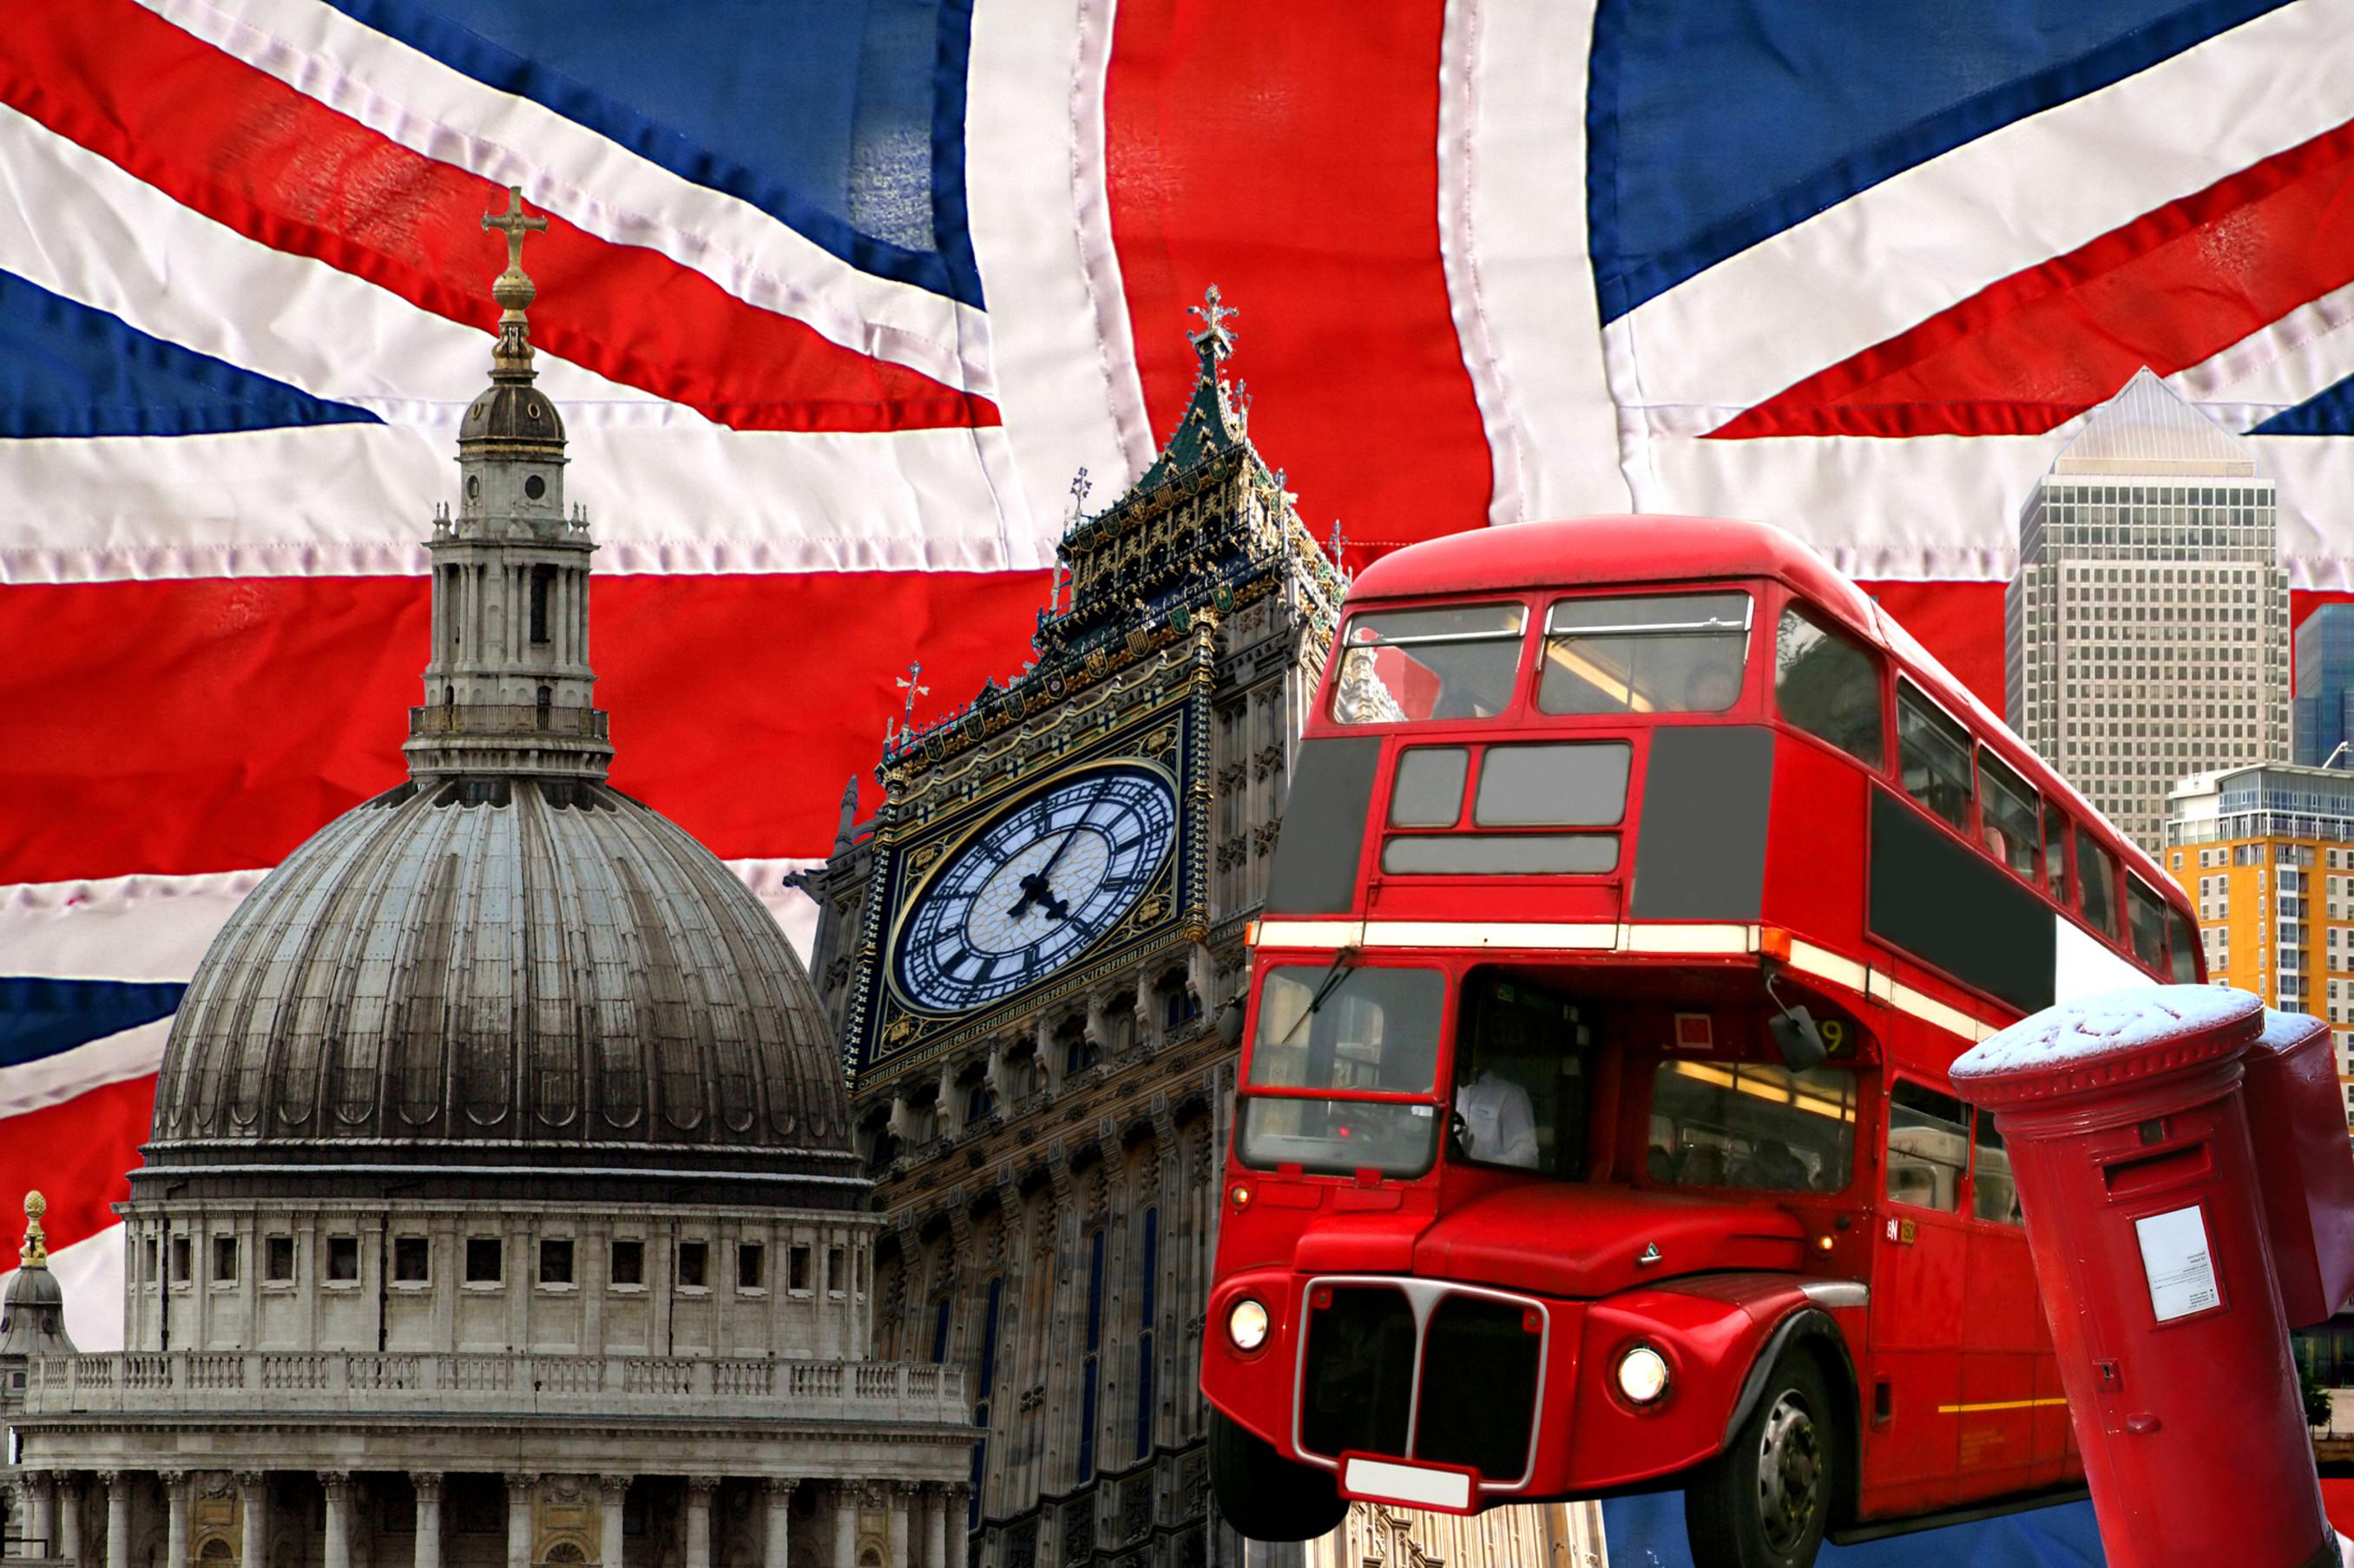 Trabajar en Londres es fácil si se conoce el idioma y se esta dispuesto a todo